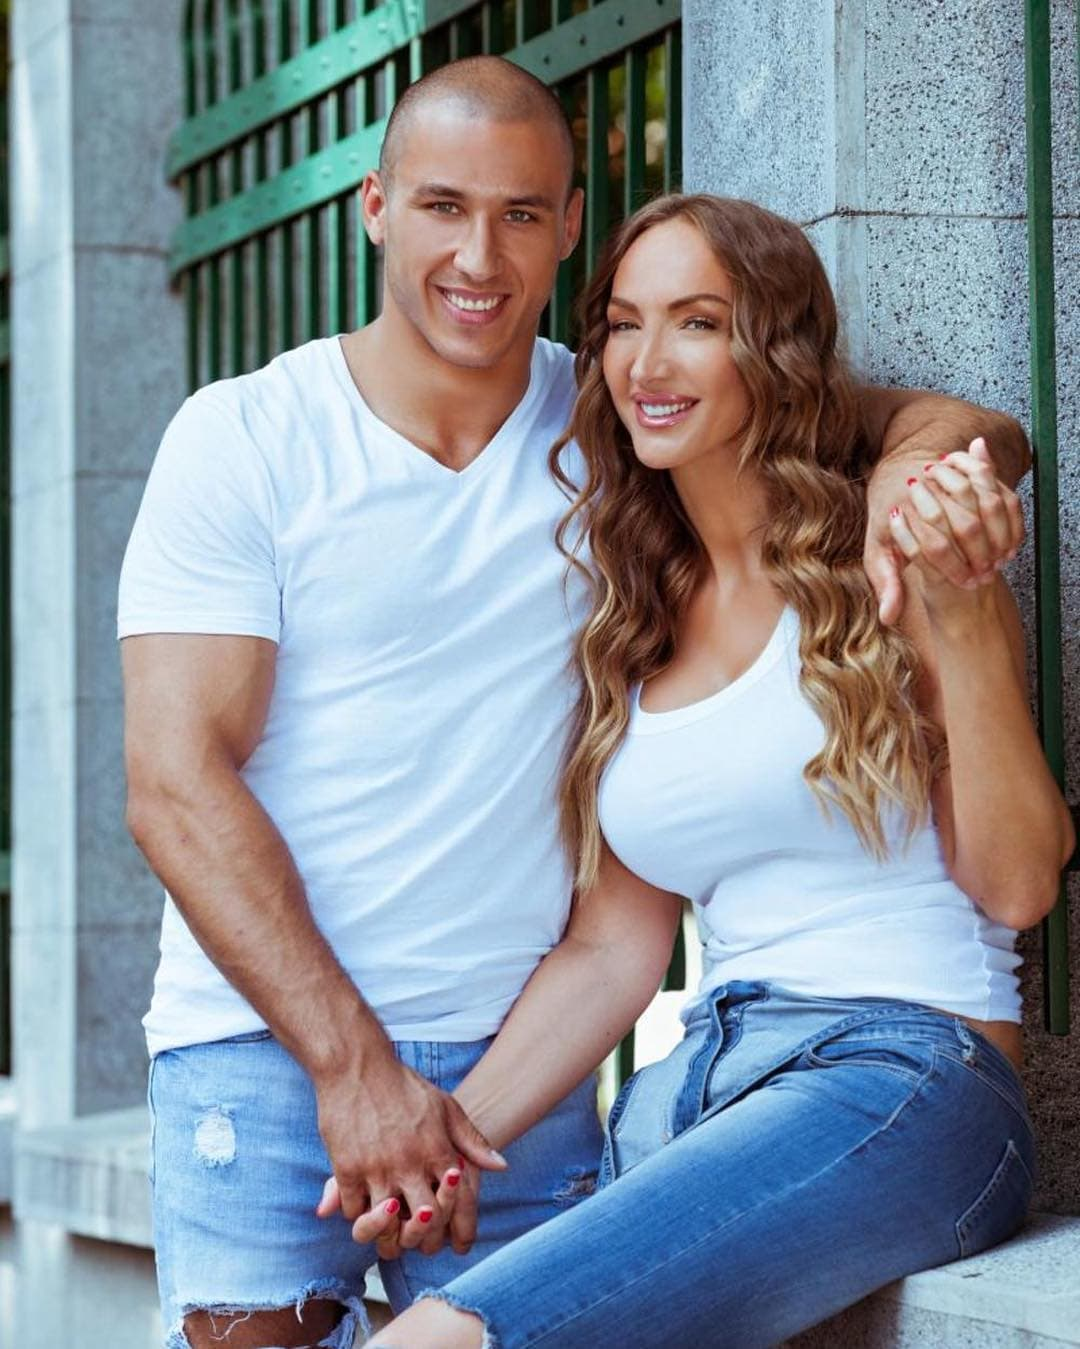 Goga i Uroš su vezu danas krunisali brakom (foto: Instagram/sekulicgoga)